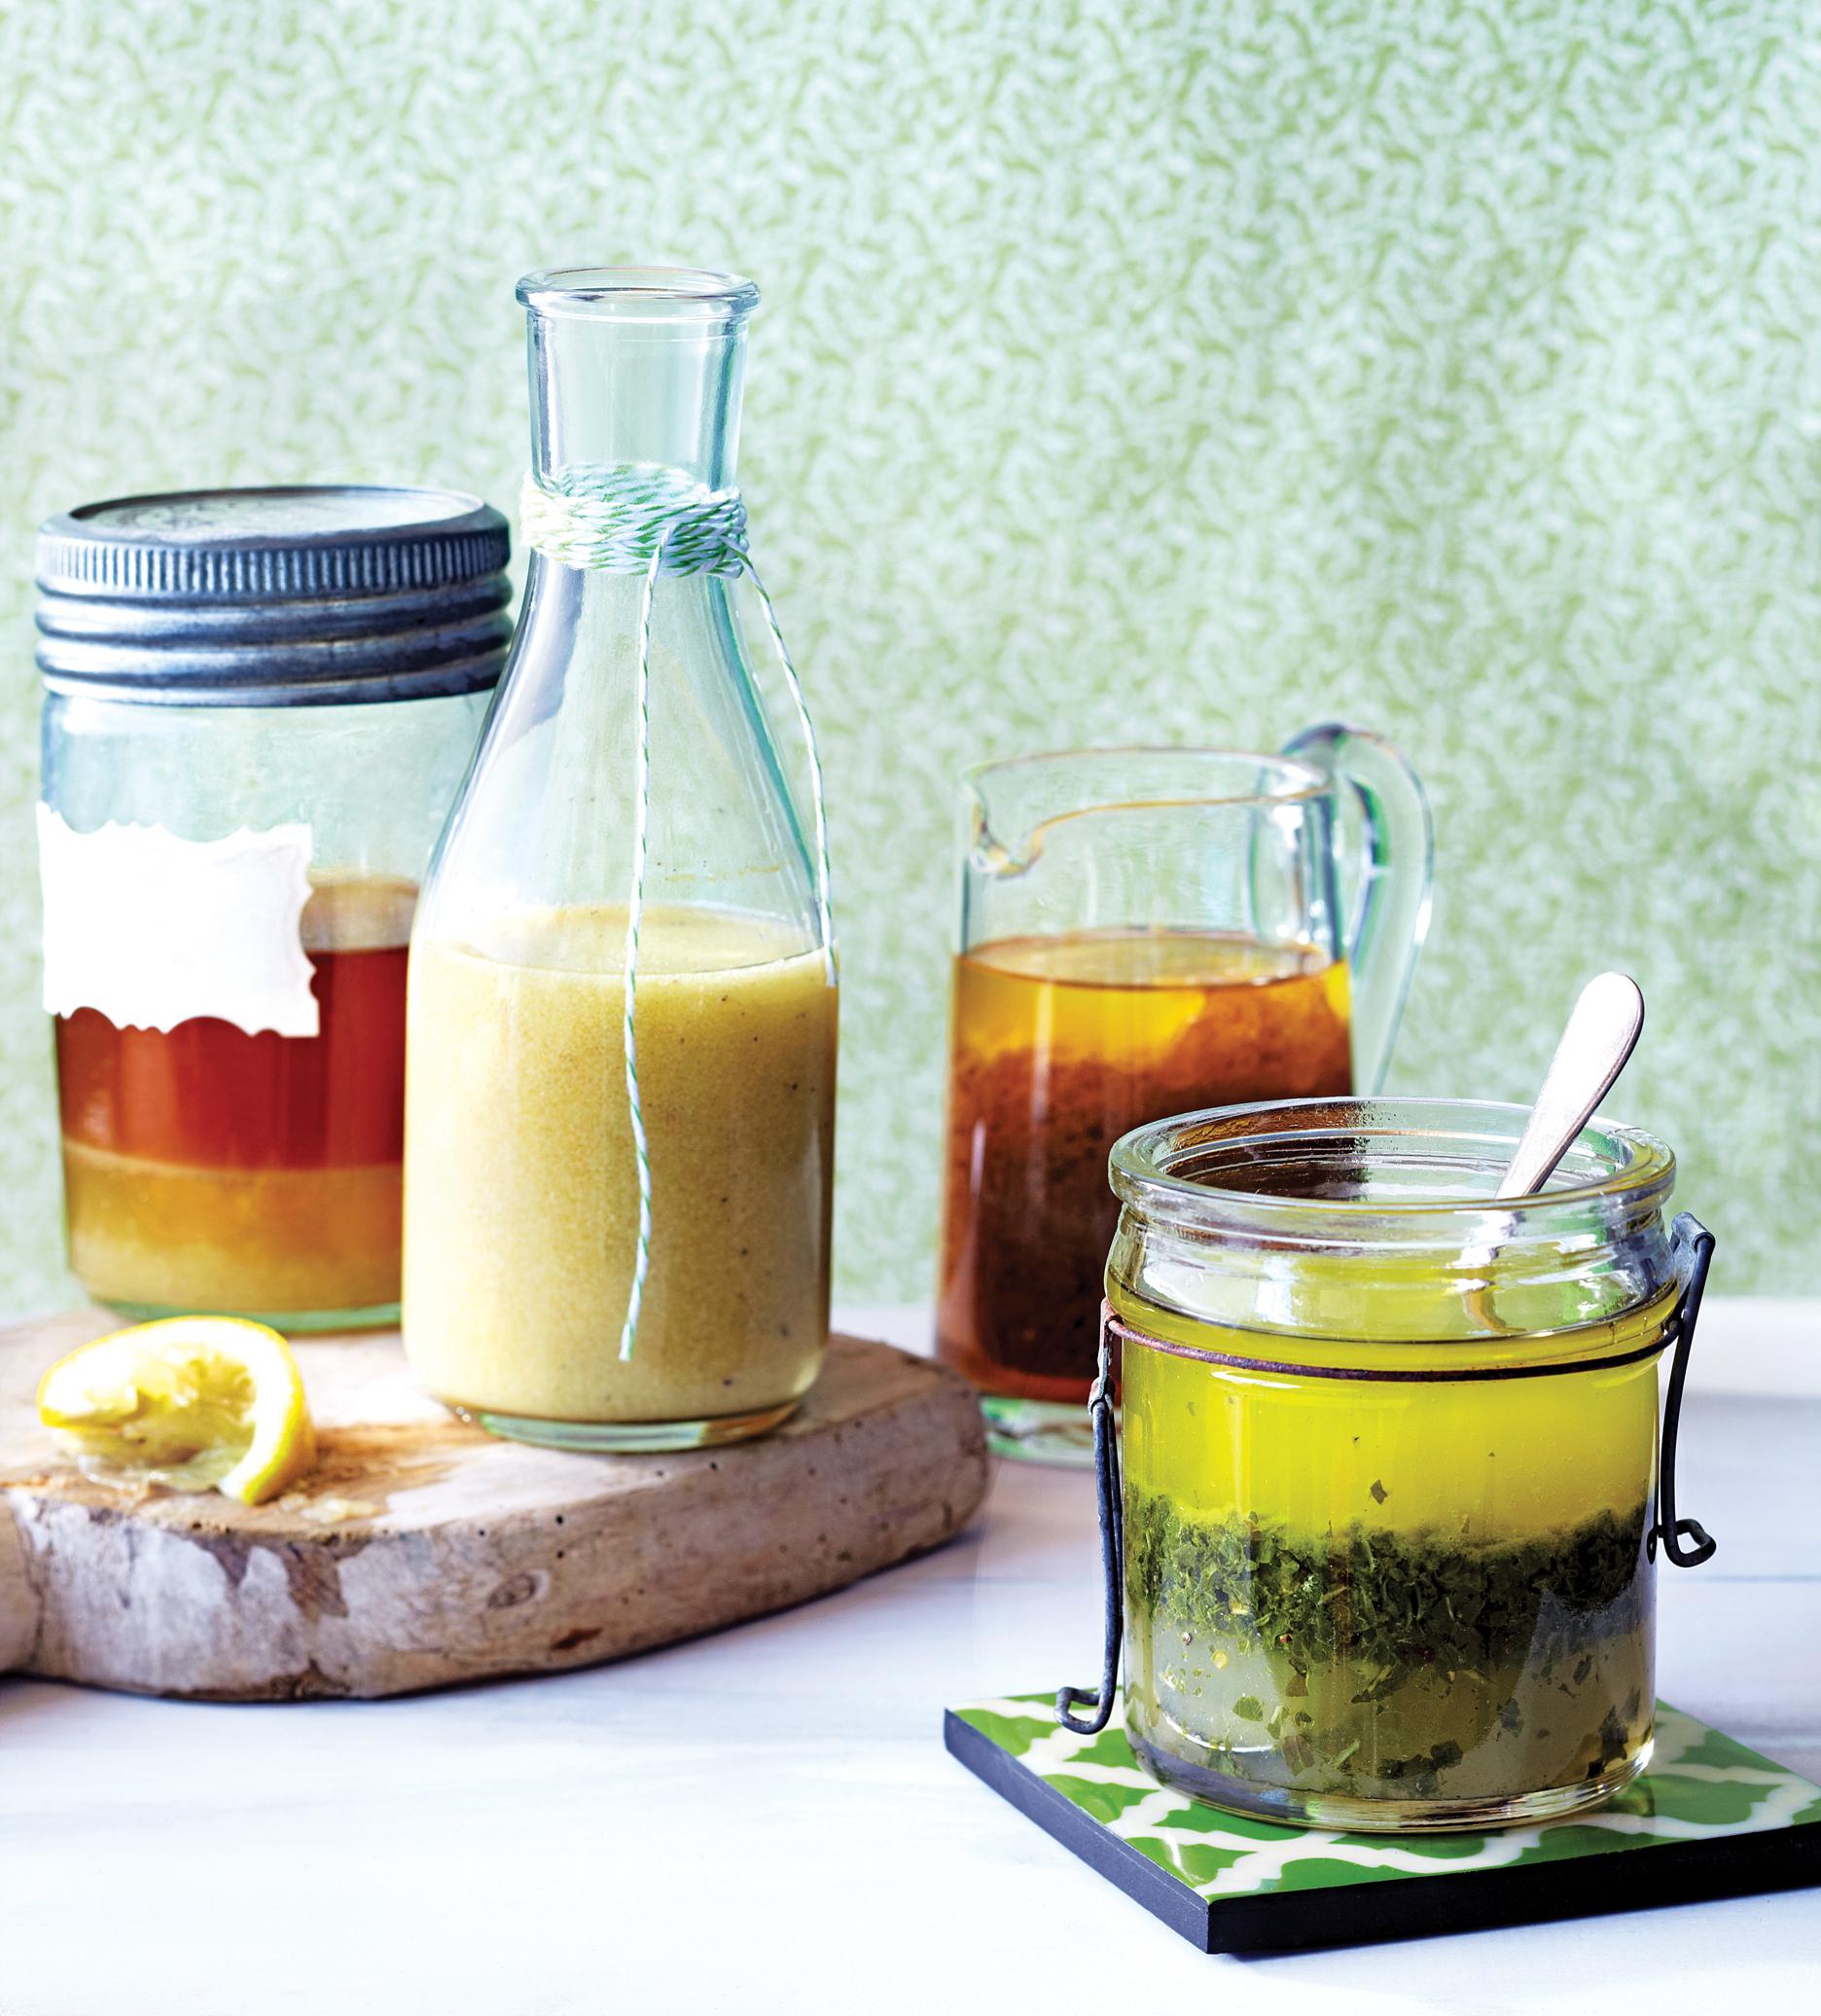 Salad dressings in glass bottles